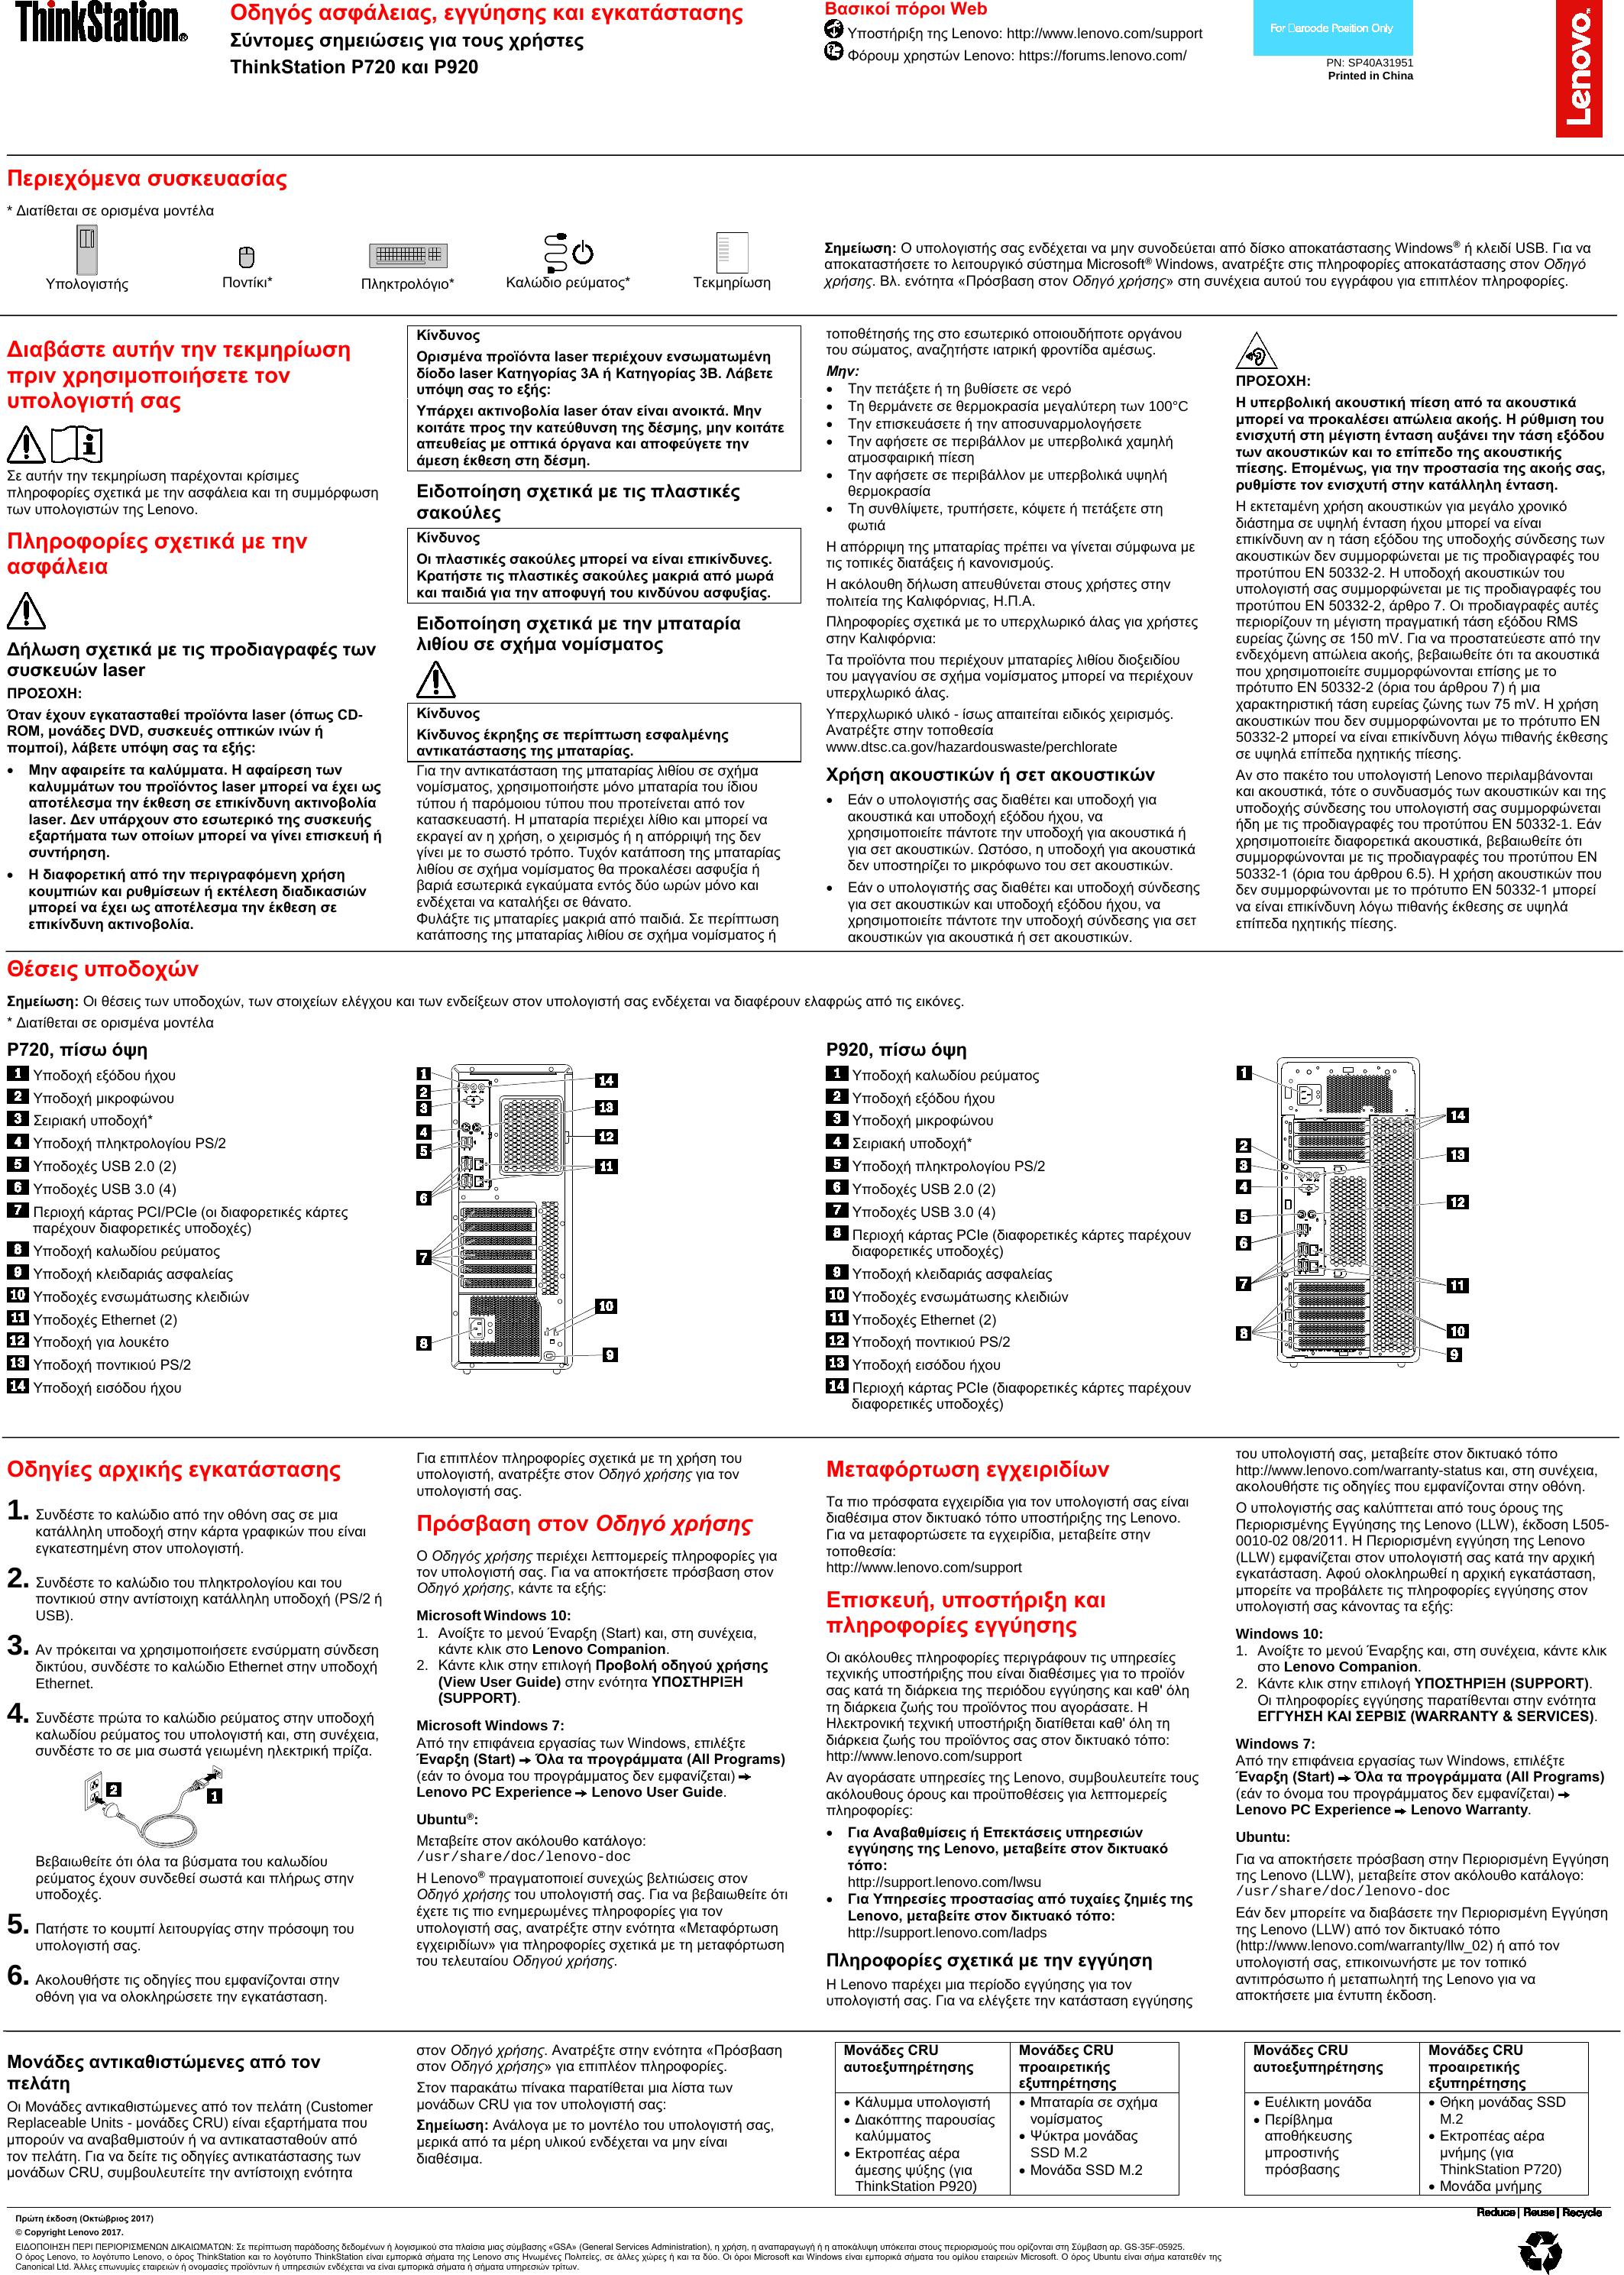 Πρόγραμμα μαθημάτων για την ταχεία χρονολόγηση